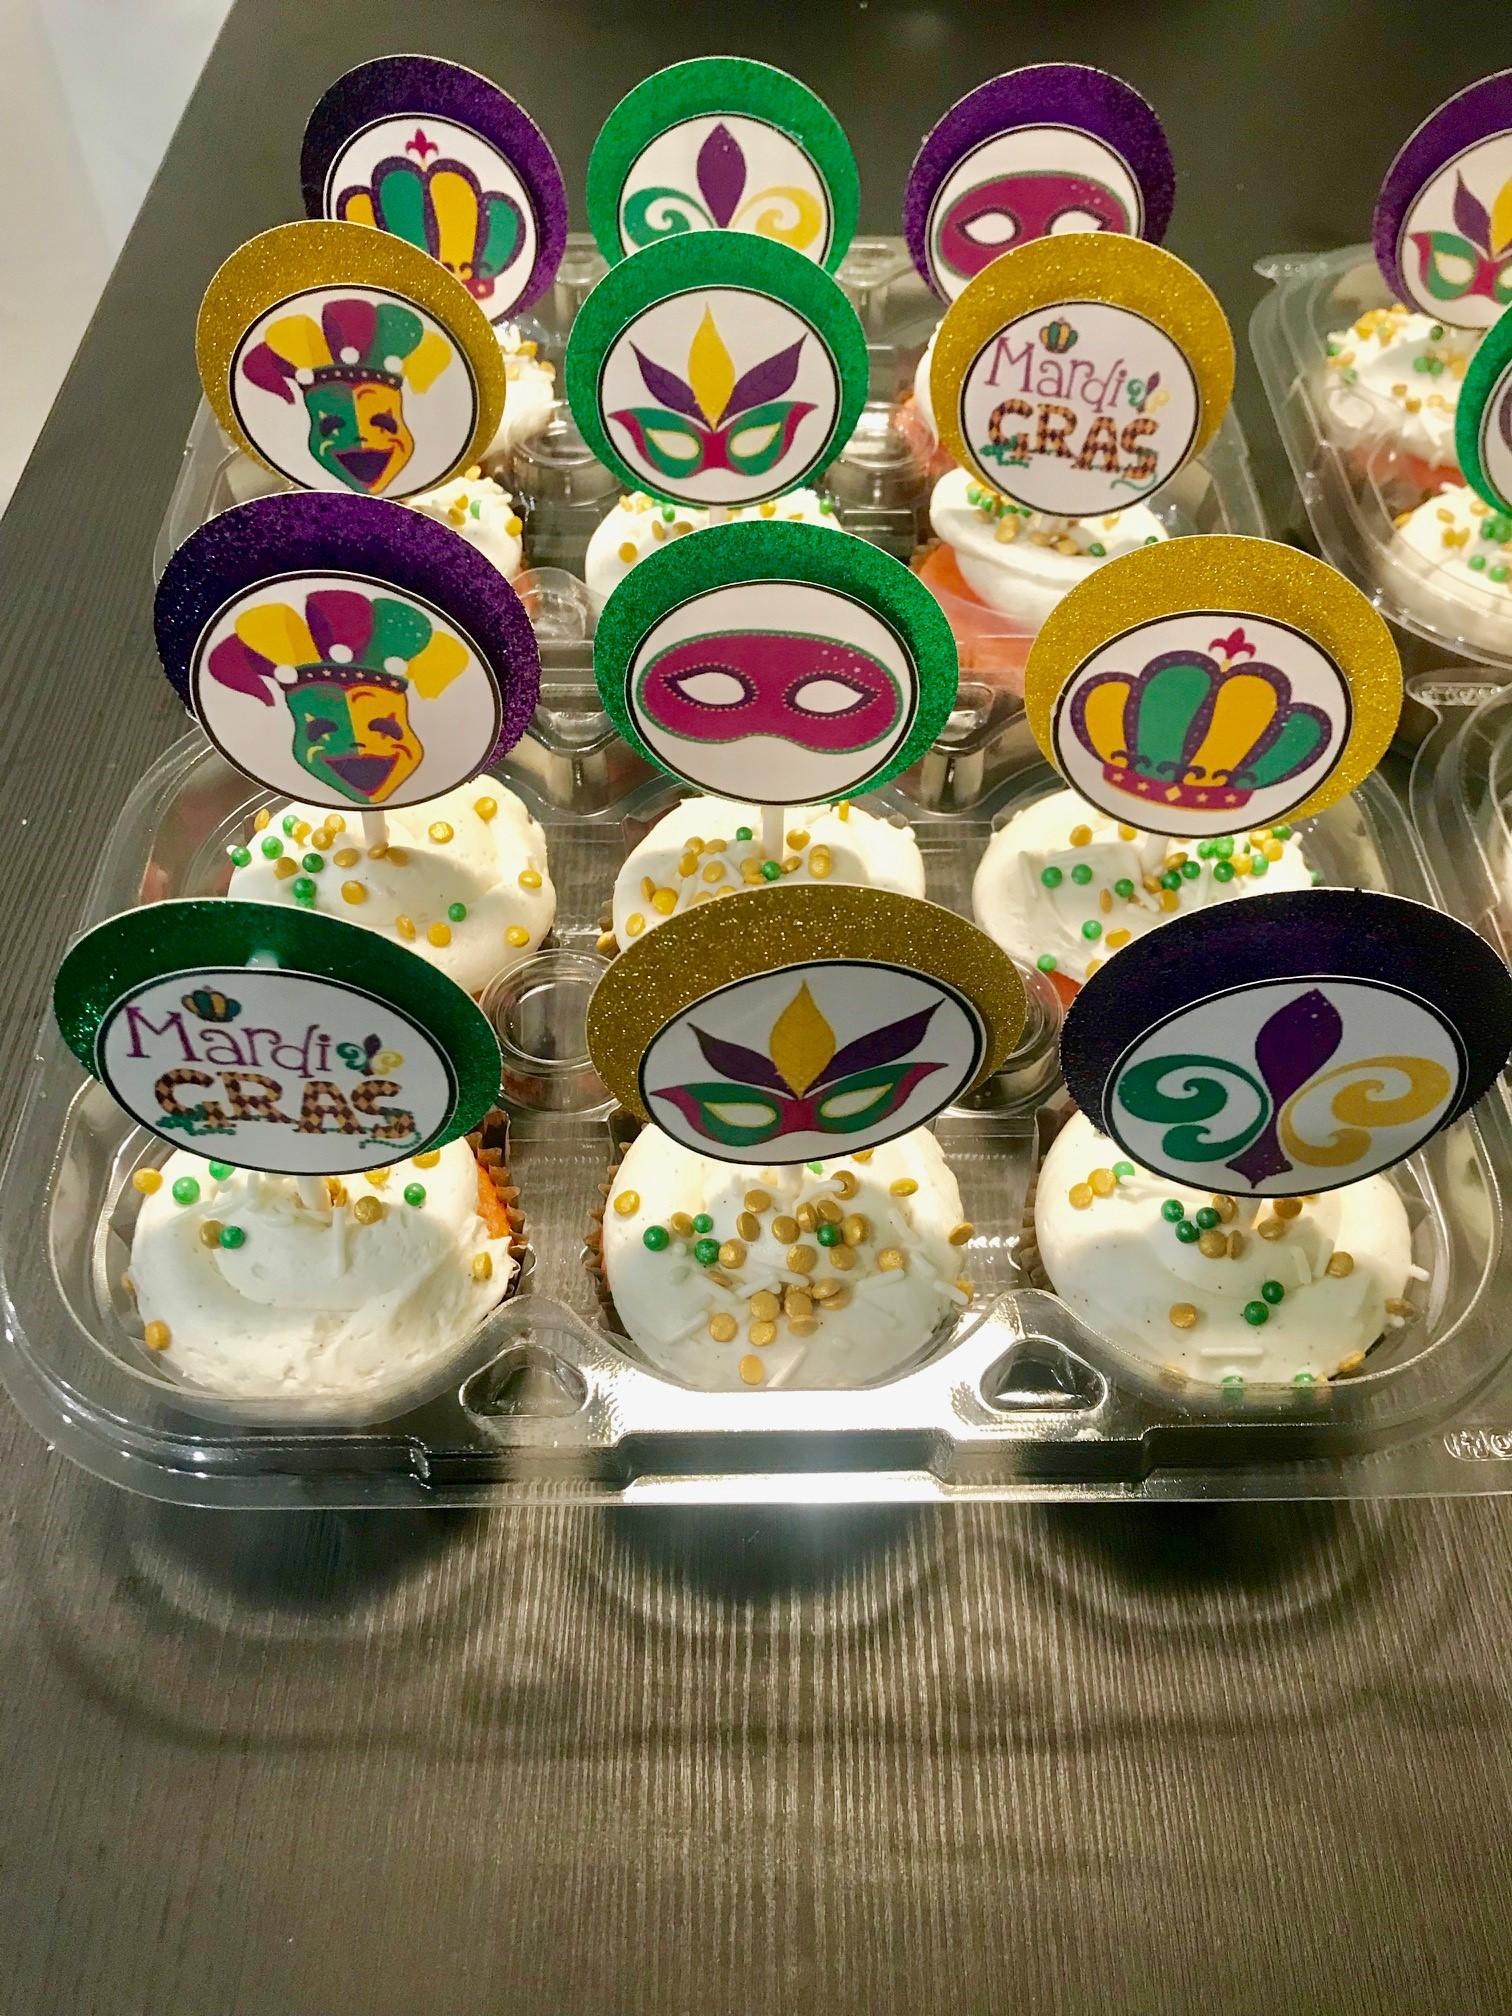 Mardi Gras cupcakes.jpg